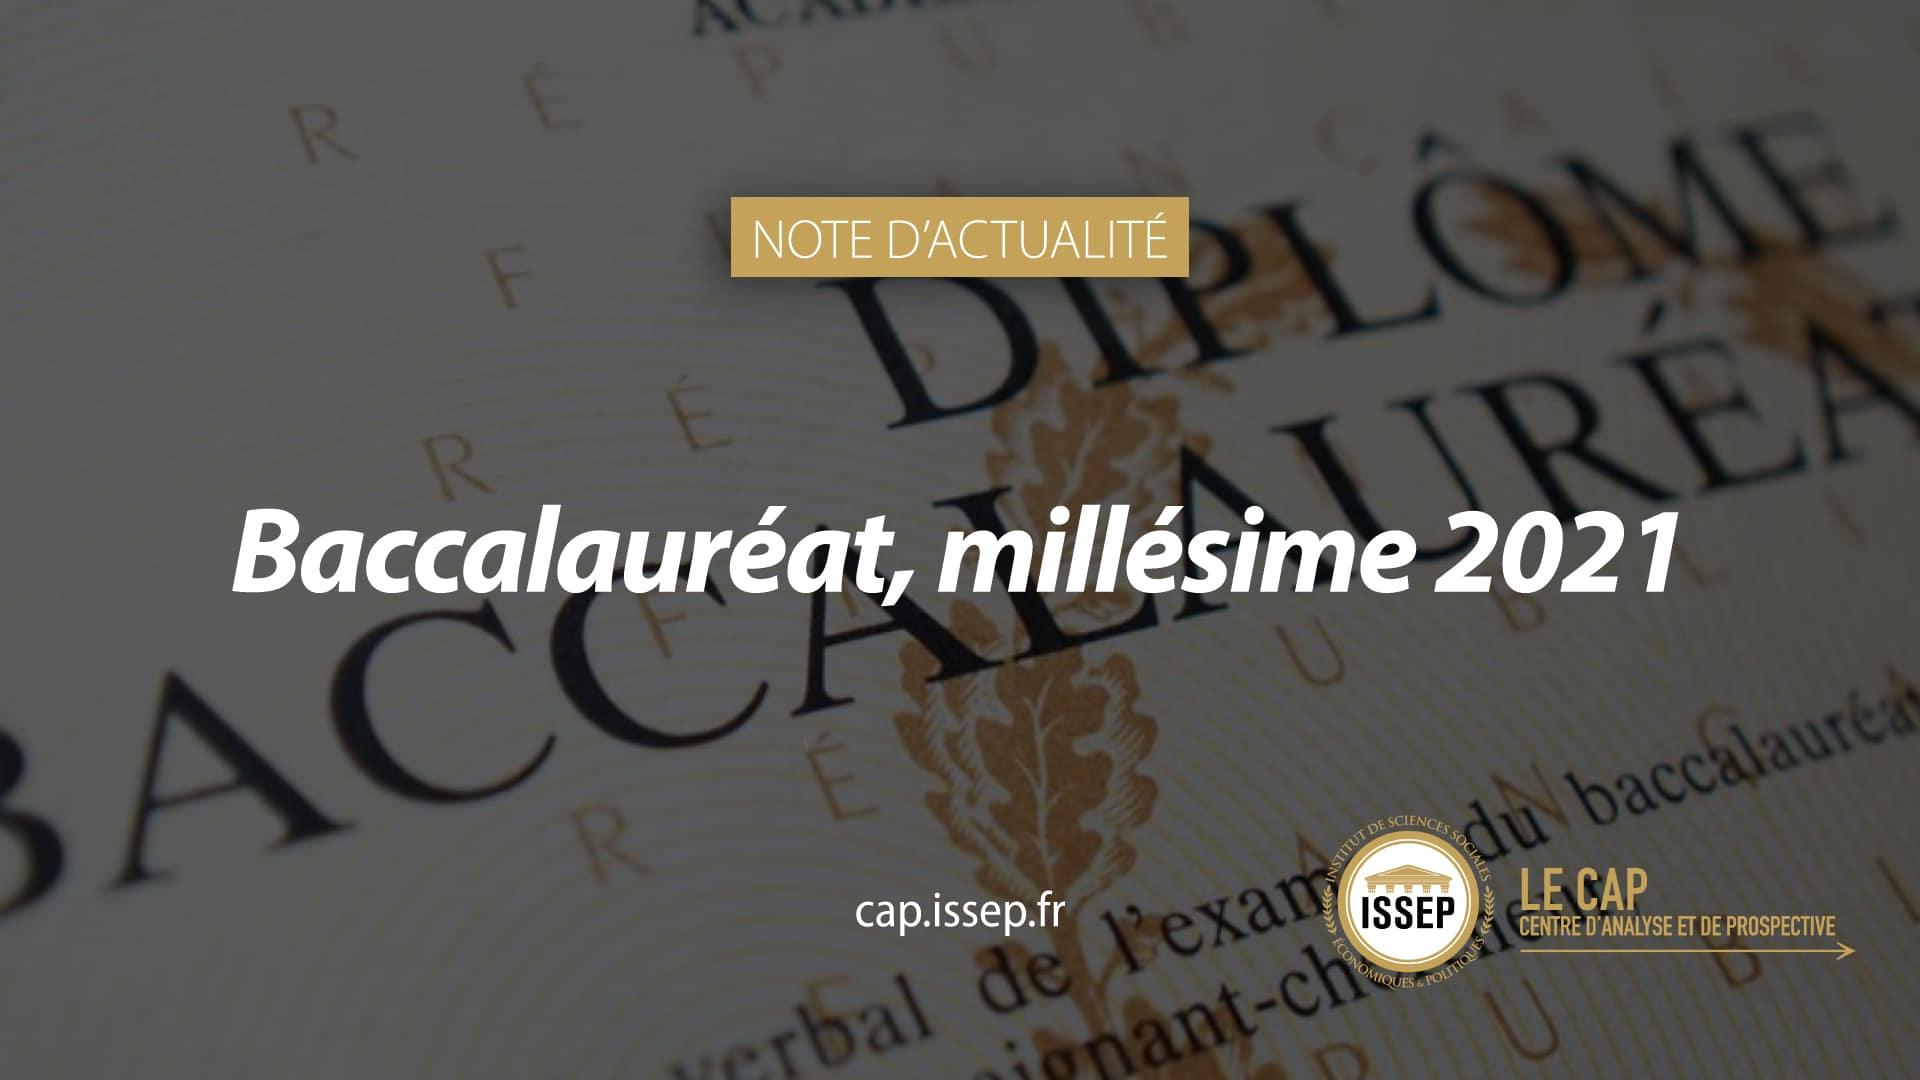 NOTE D'ACTUALITÉ CAP ISSEP - BACCALAURÉAT